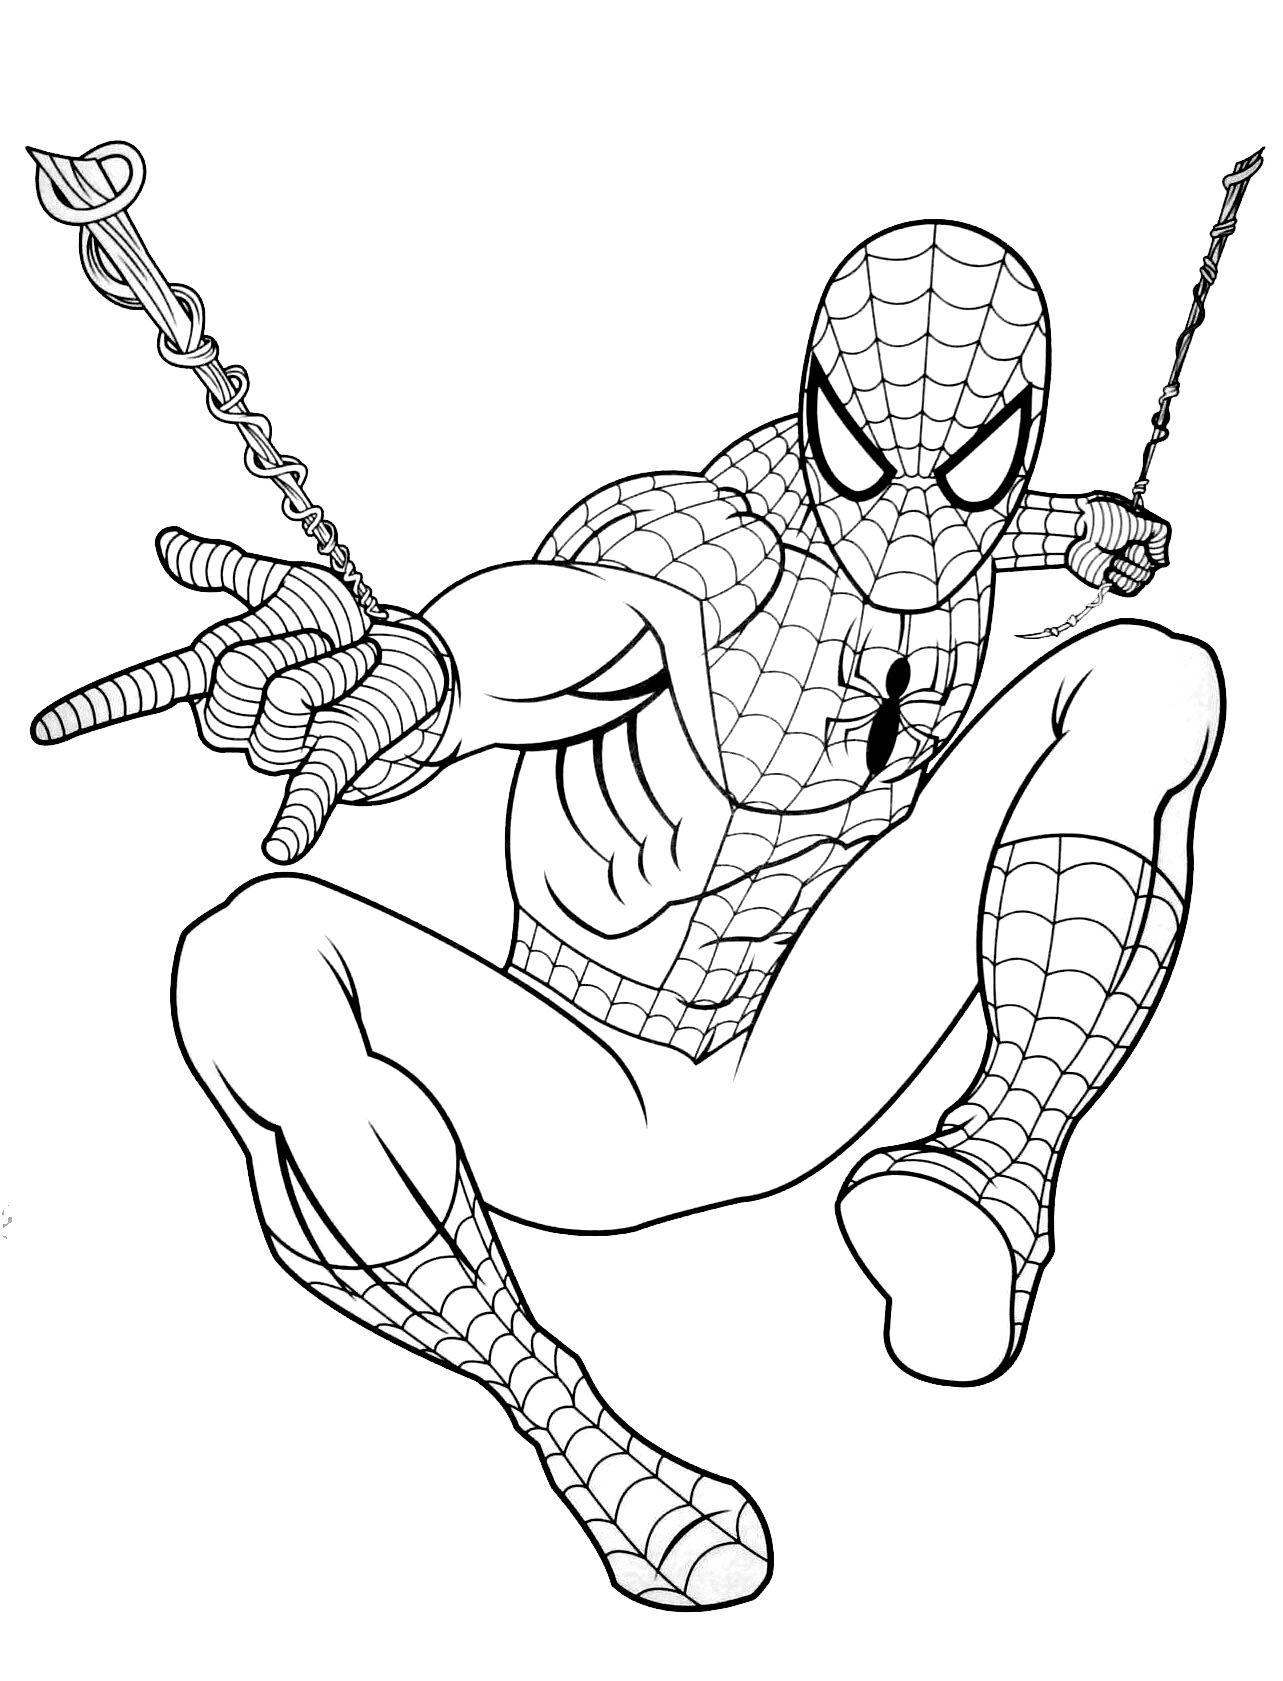 23 dessins de coloriage Spiderman Gratuit à imprimer  Avengers